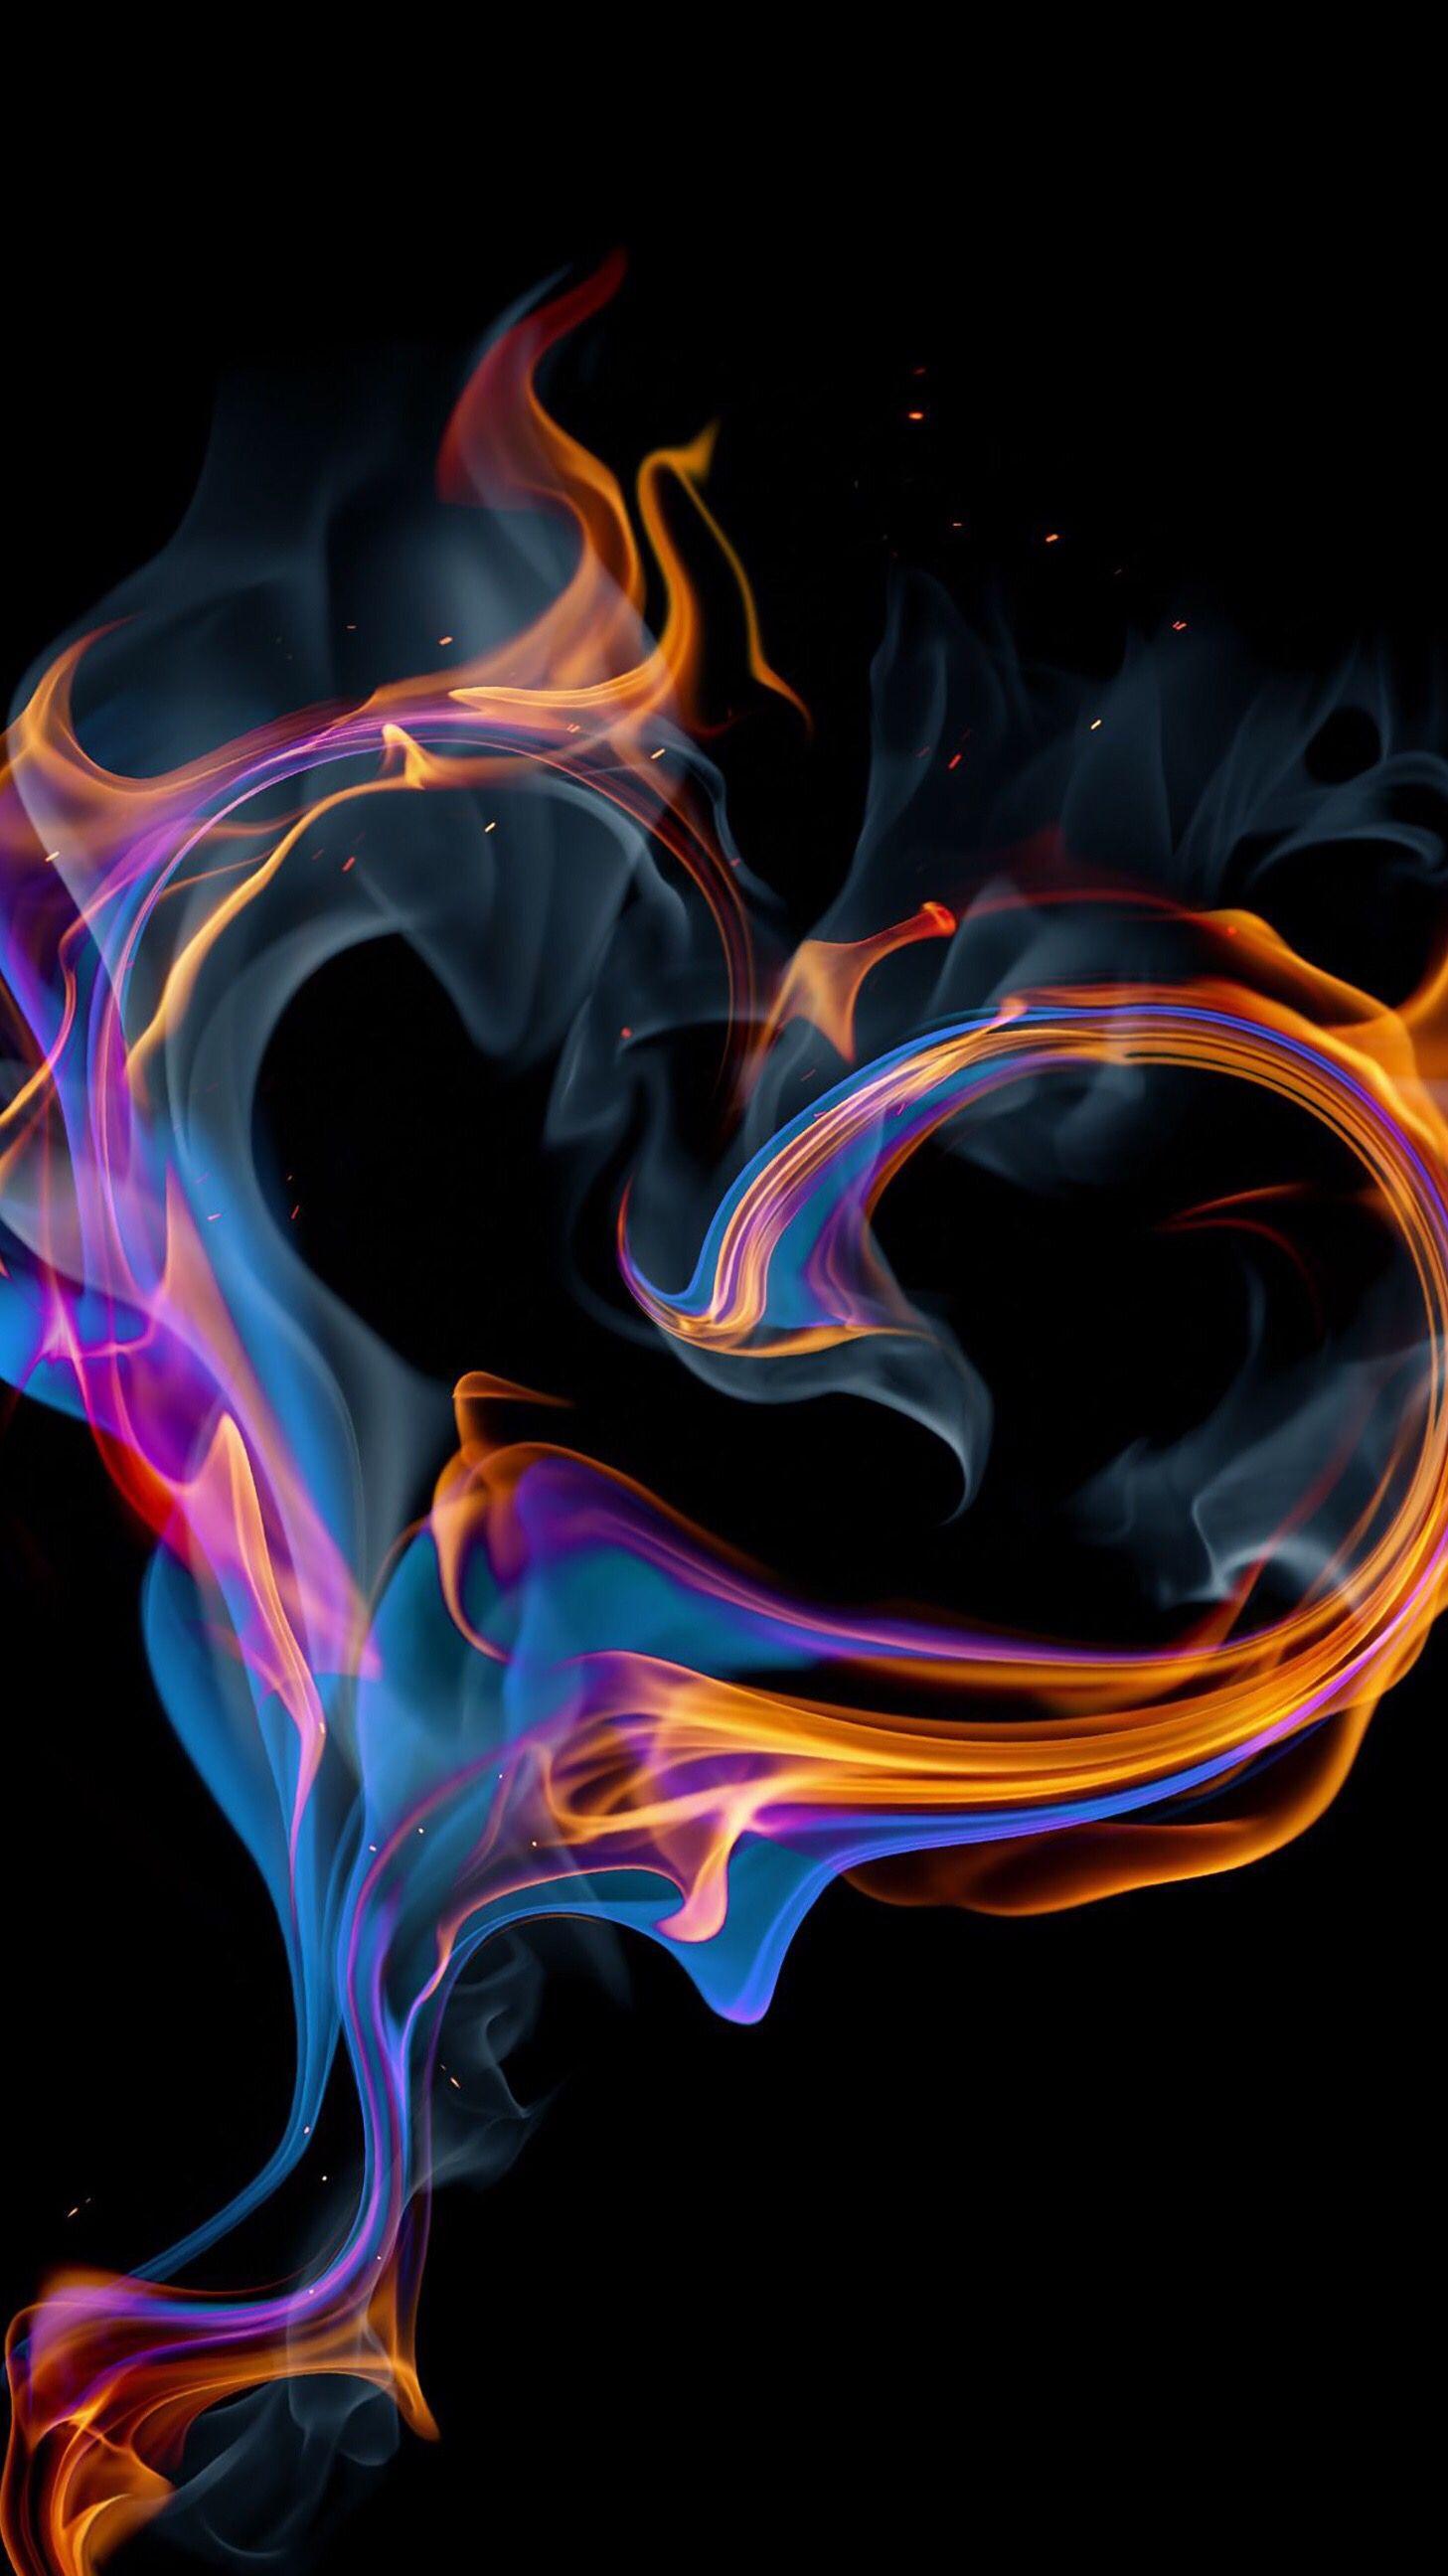 Hot Background Fire heart Heart wallpaper Fire art 1457x2592